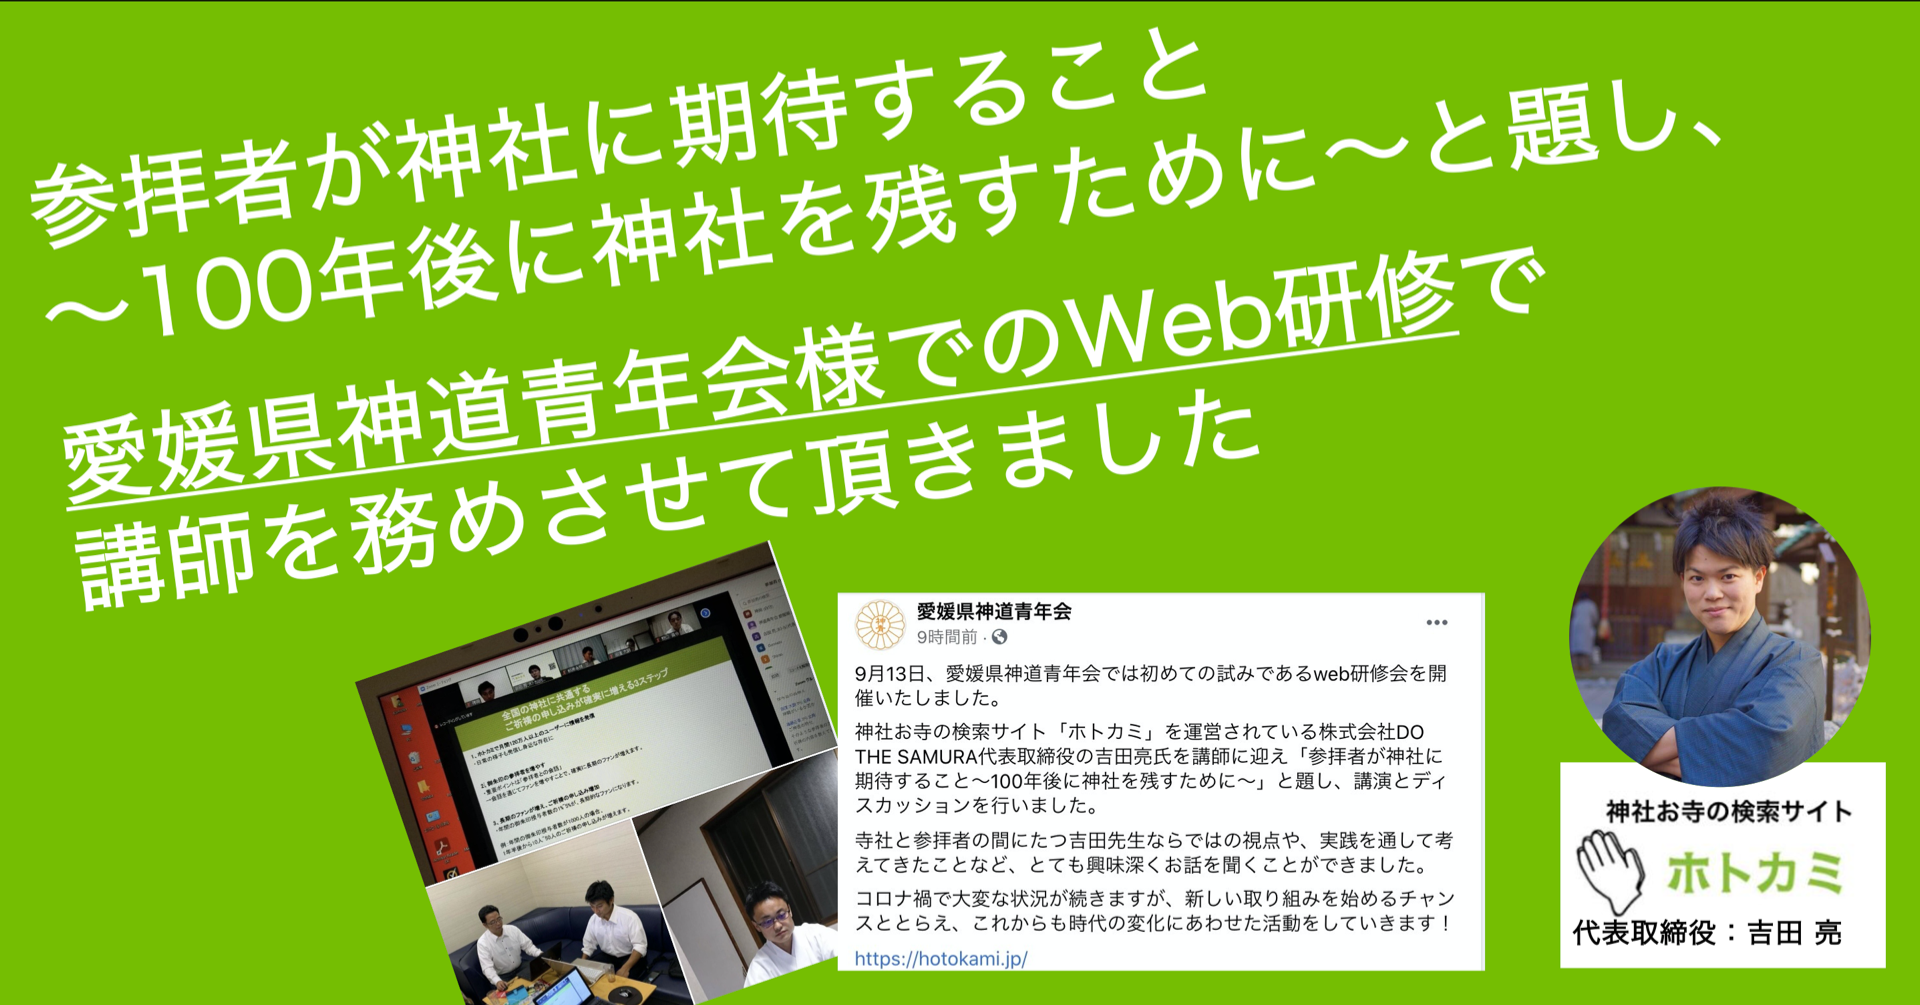 愛媛県神道青年会様でのWeb研修で講師を務めさせて頂きました